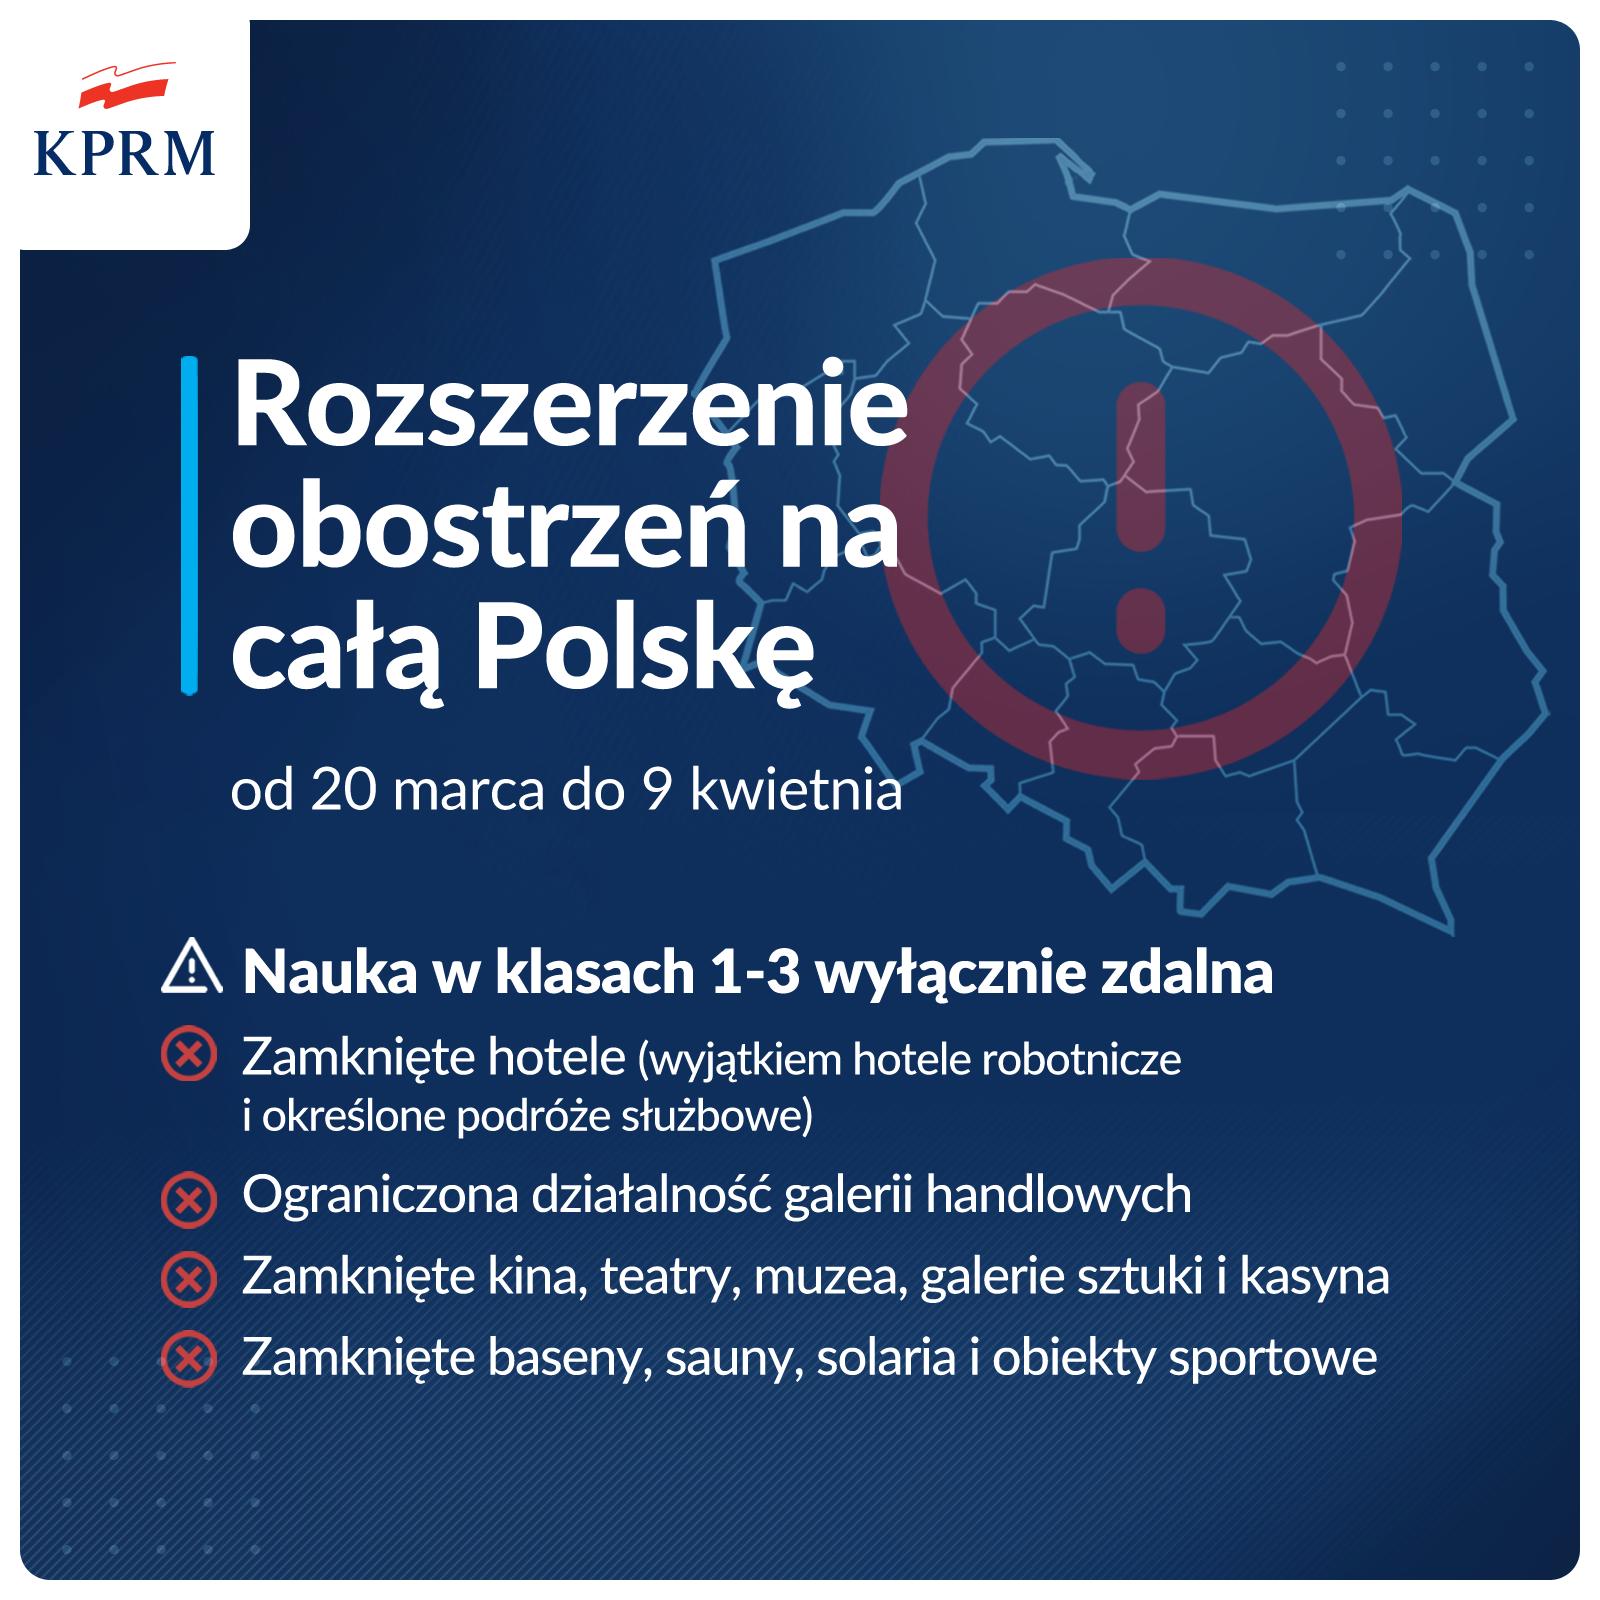 Od 20 marca rozszerzono zasady bezpieczeństwa na całą Polskę.  Nauka zdalna w klasach 1-3. Ograniczona działalność galerii handlowych. Zamknięte instytucje kultury, obiekty sportowe, hotele.